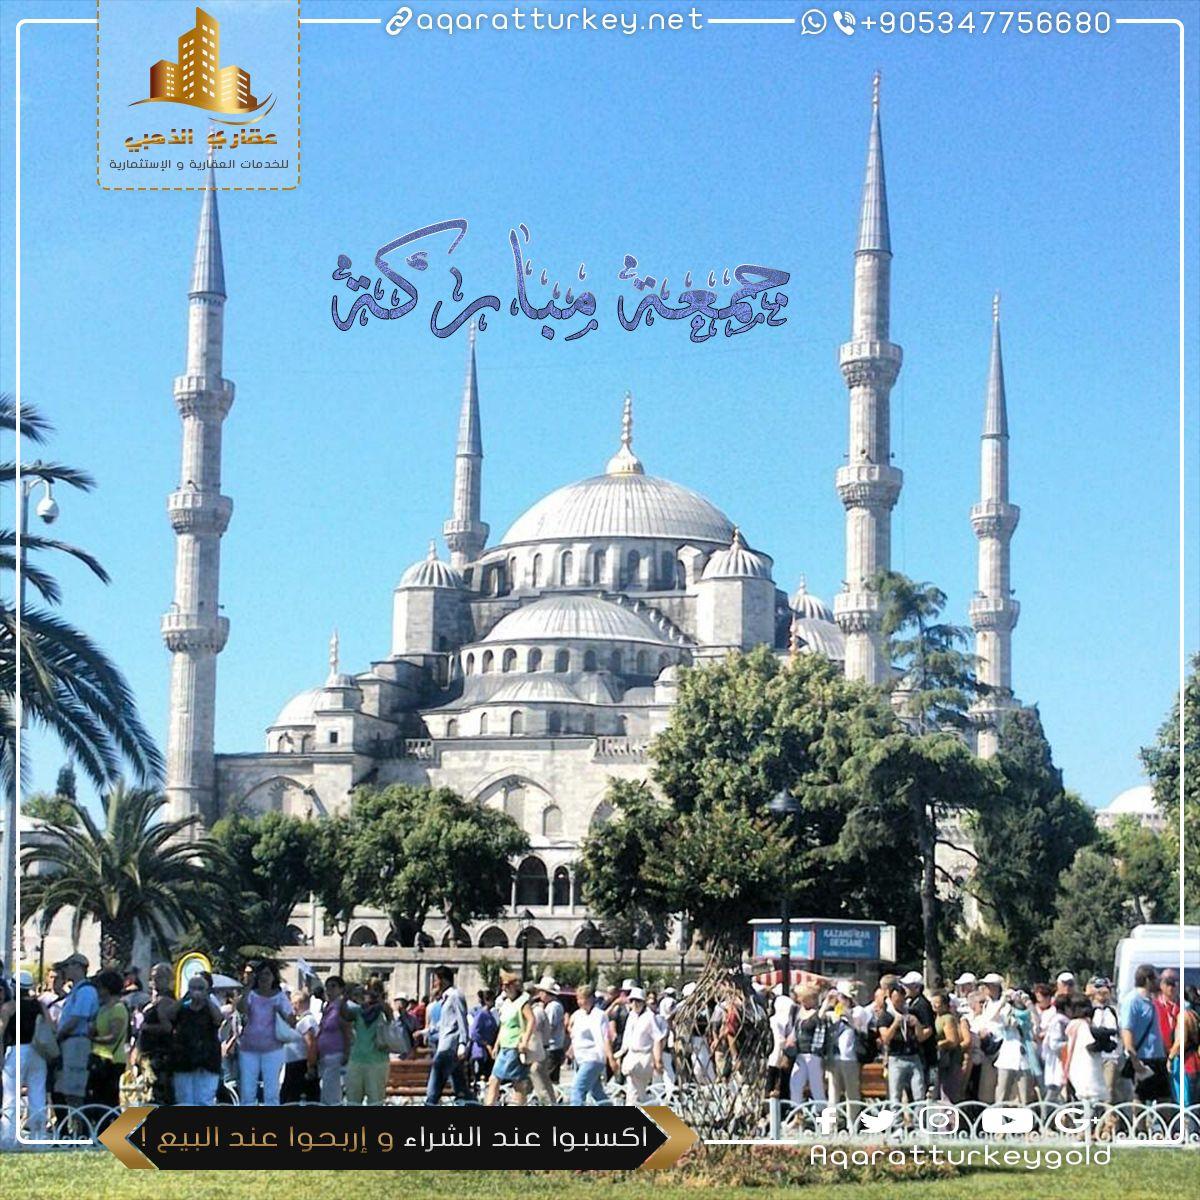 جمعة مباركة Taj Mahal Landmarks Travel